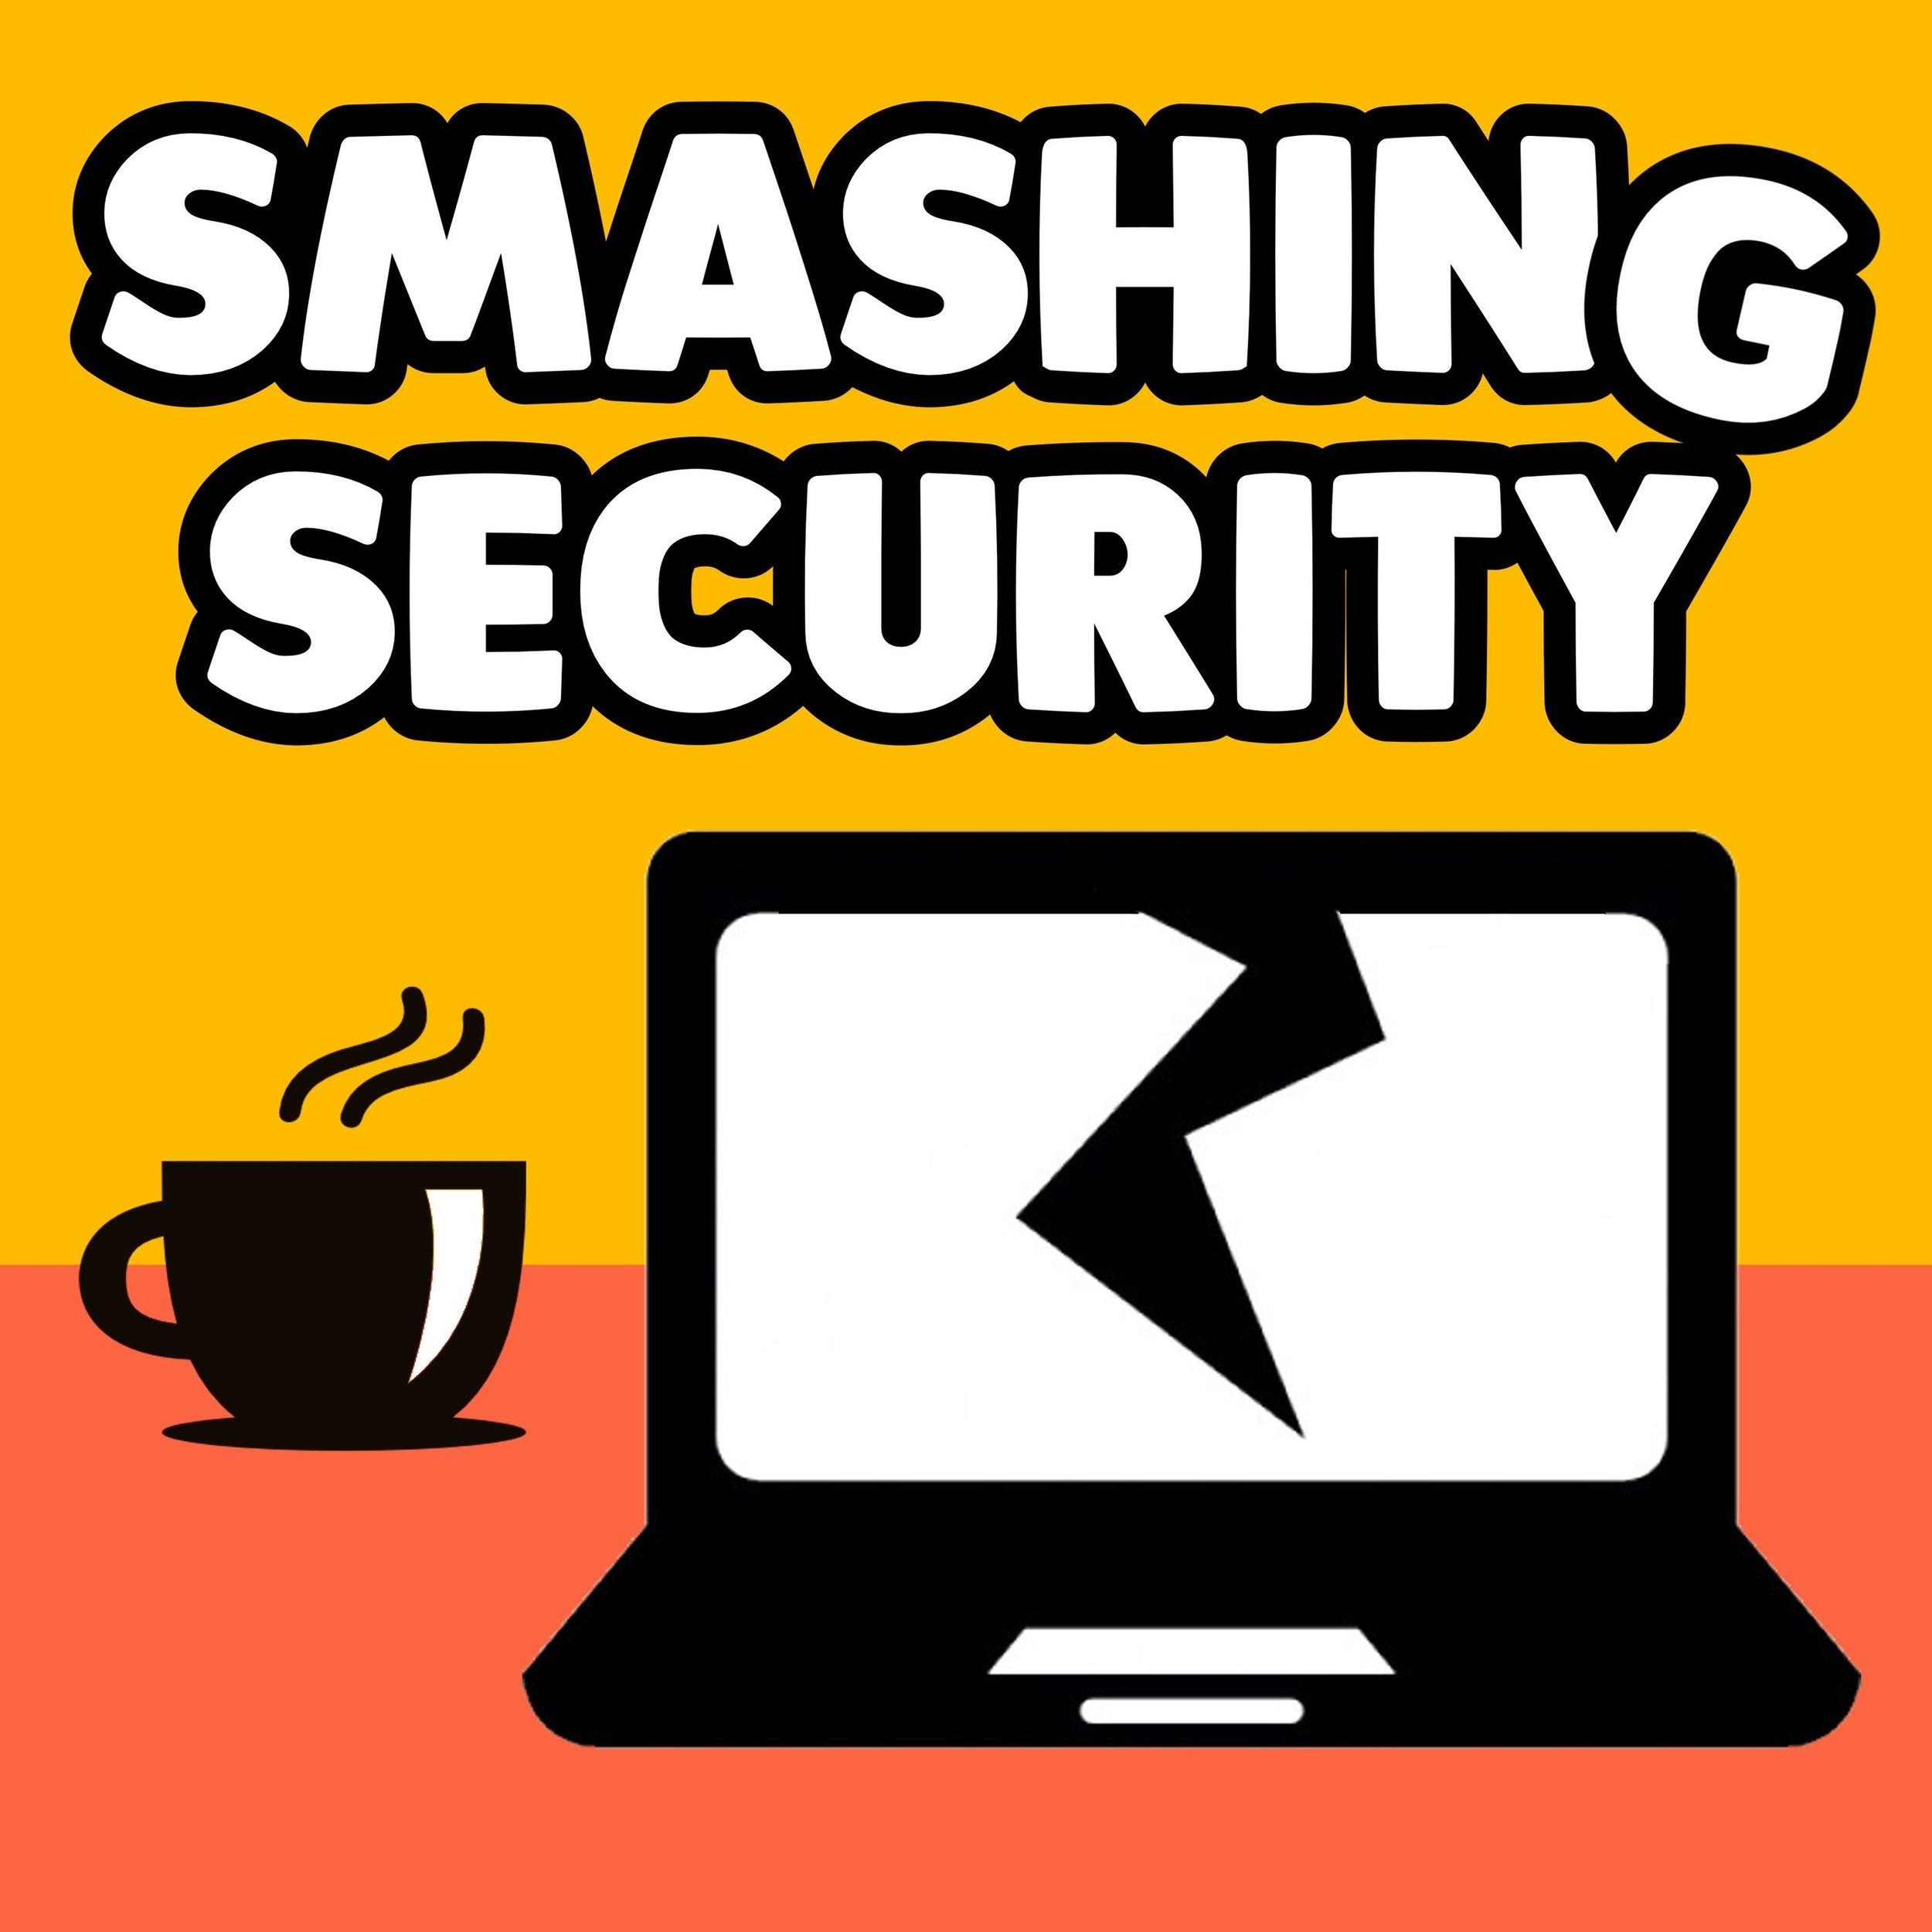 Smashing Security.jpg